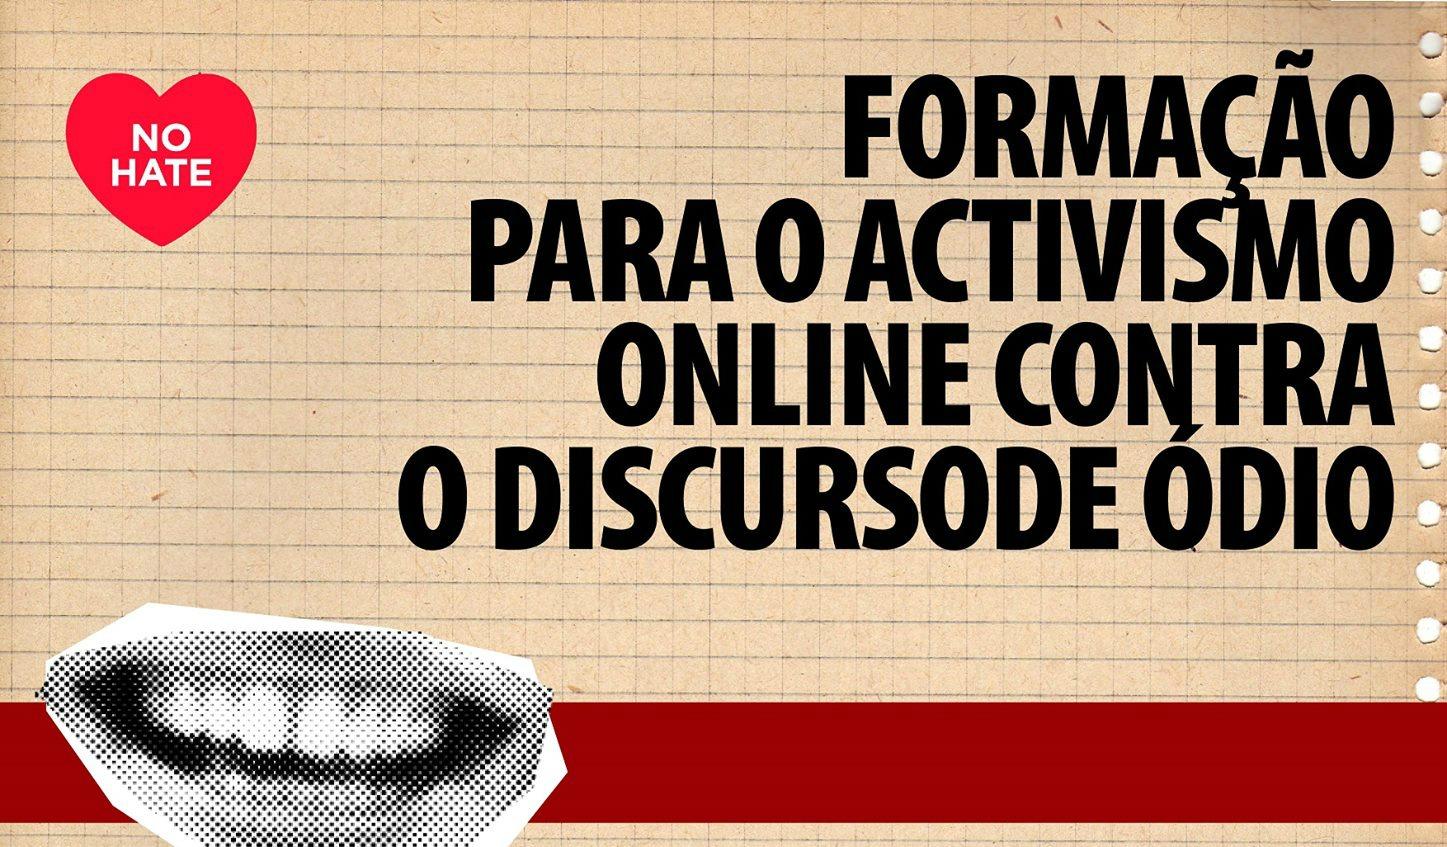 Formação para o Activismo Online